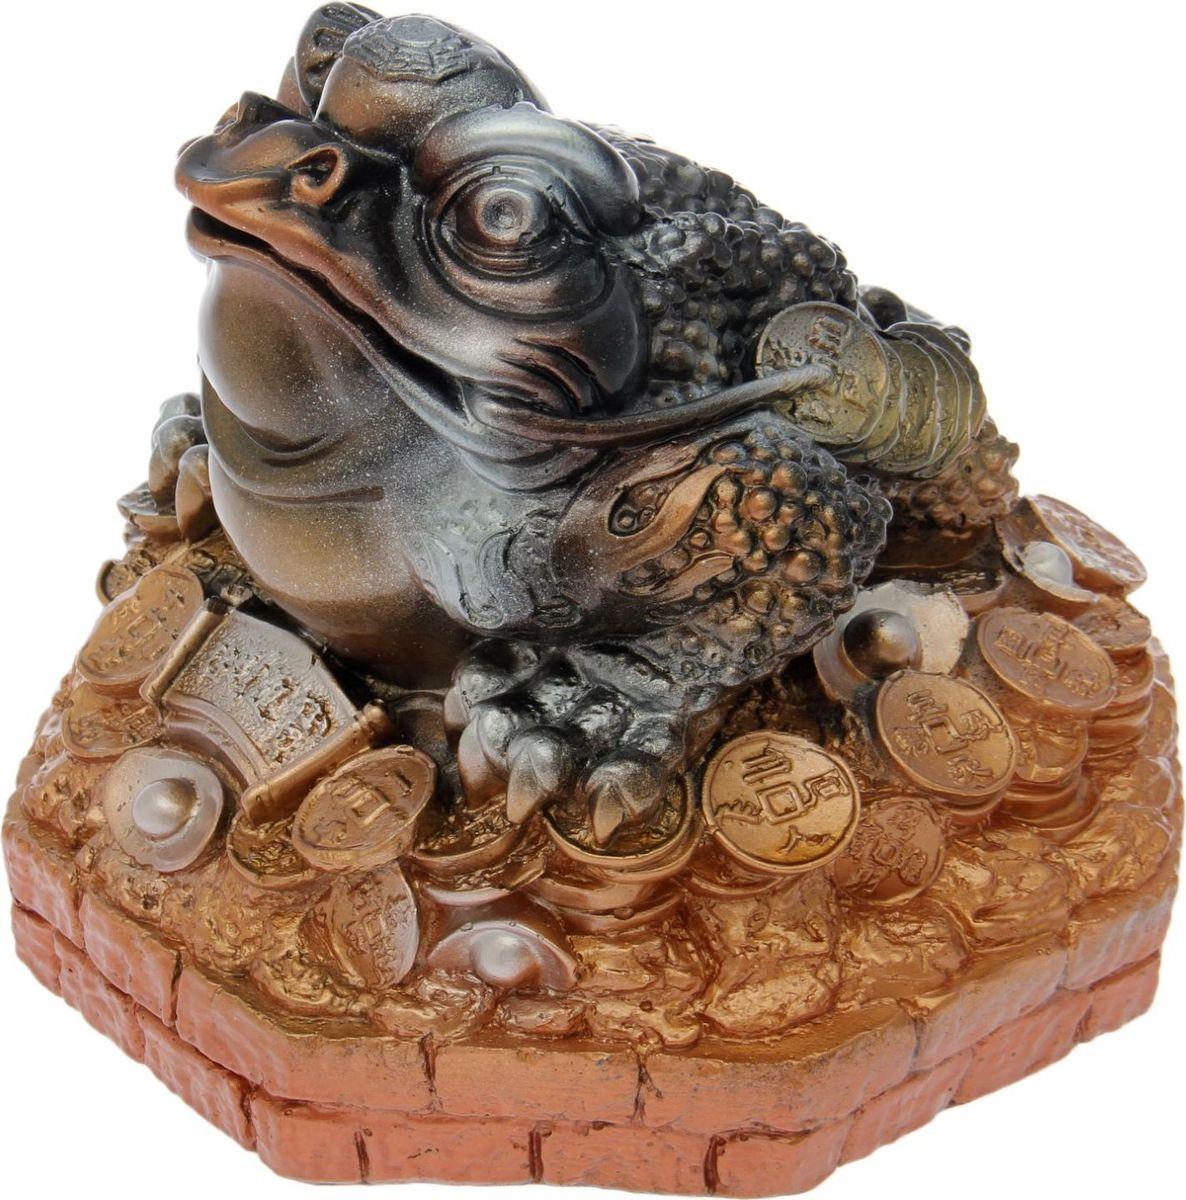 Хотите накопить на свою заветную мечту? С помощью данного изделия вы сможете сделать это без удара по бюджету! Трёхлапая жаба с монеткой во рту является очень сильным денежным талисманом, который приносит богатство, финансовую удачу и процветание. Иногда это животное используют как символ долголетия, потому что некоторые их виды живут до 40 лет.Согласно фэн-шуй, копилки с деньгами целесообразно хранить в западной или северо-западной частях помещения.